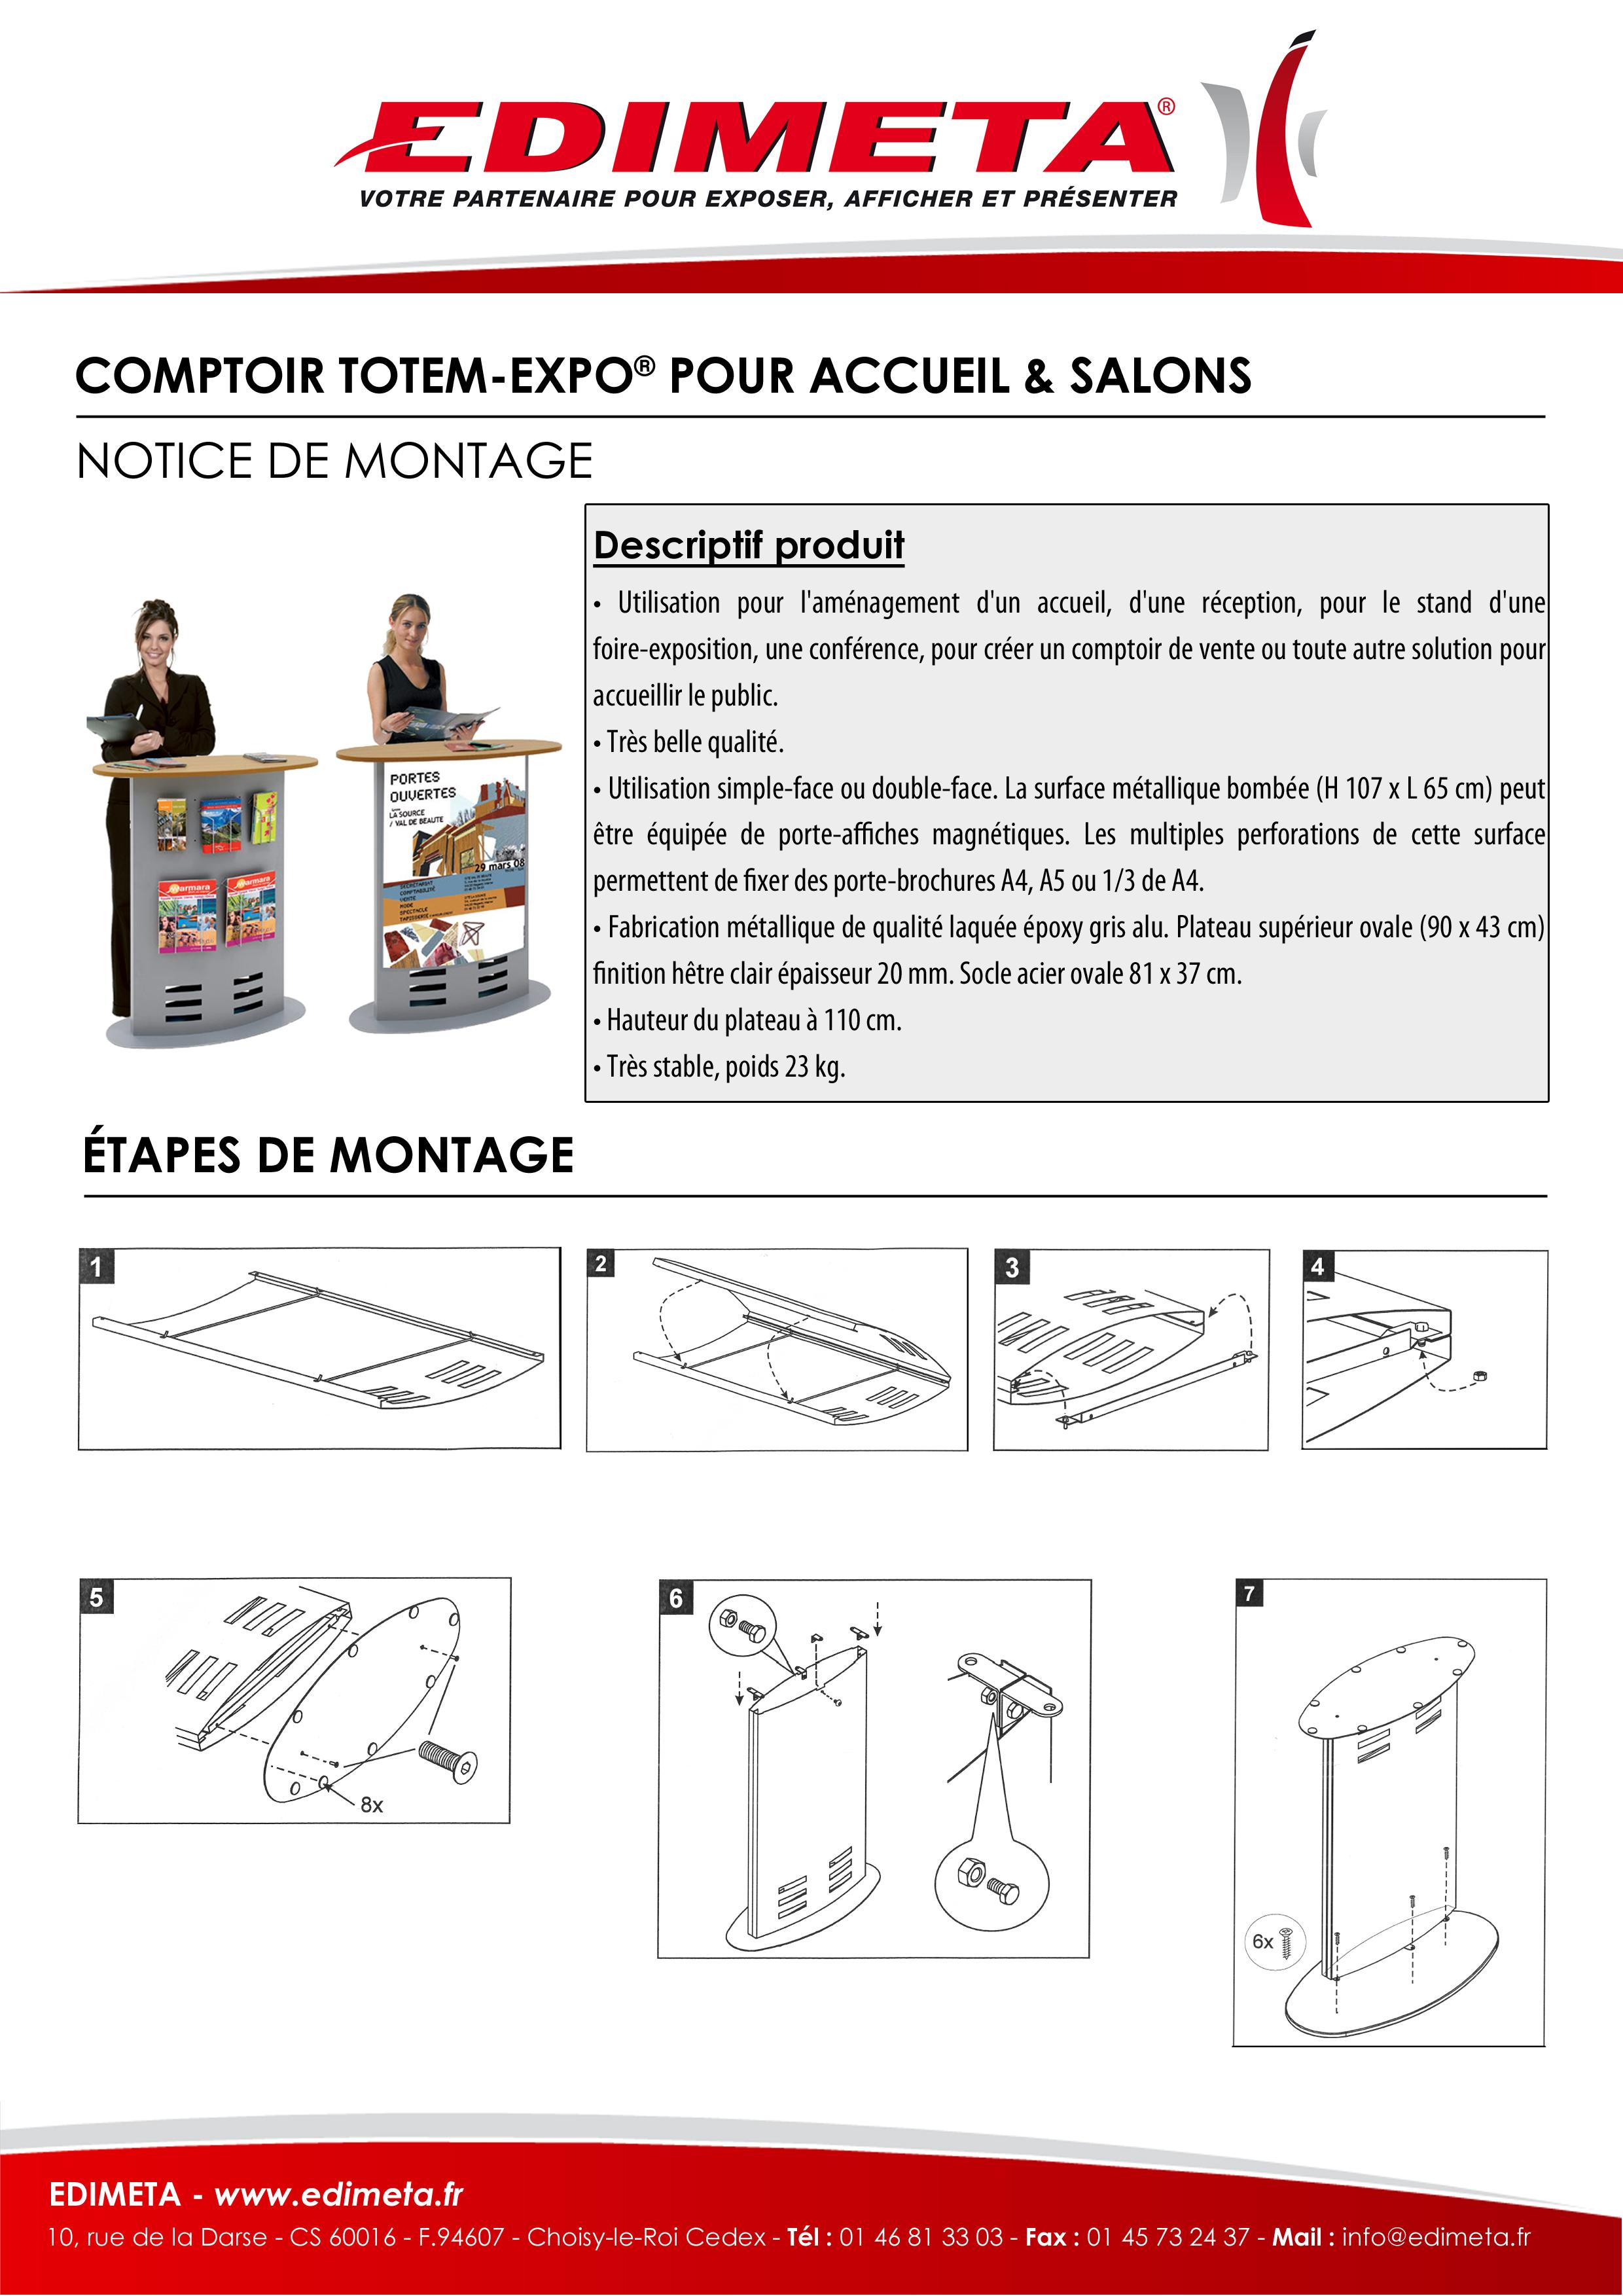 NOTICE DE MONTAGE : COMPTOIR TOTEM-EXPO® POUR ACCUEIL & SALONS